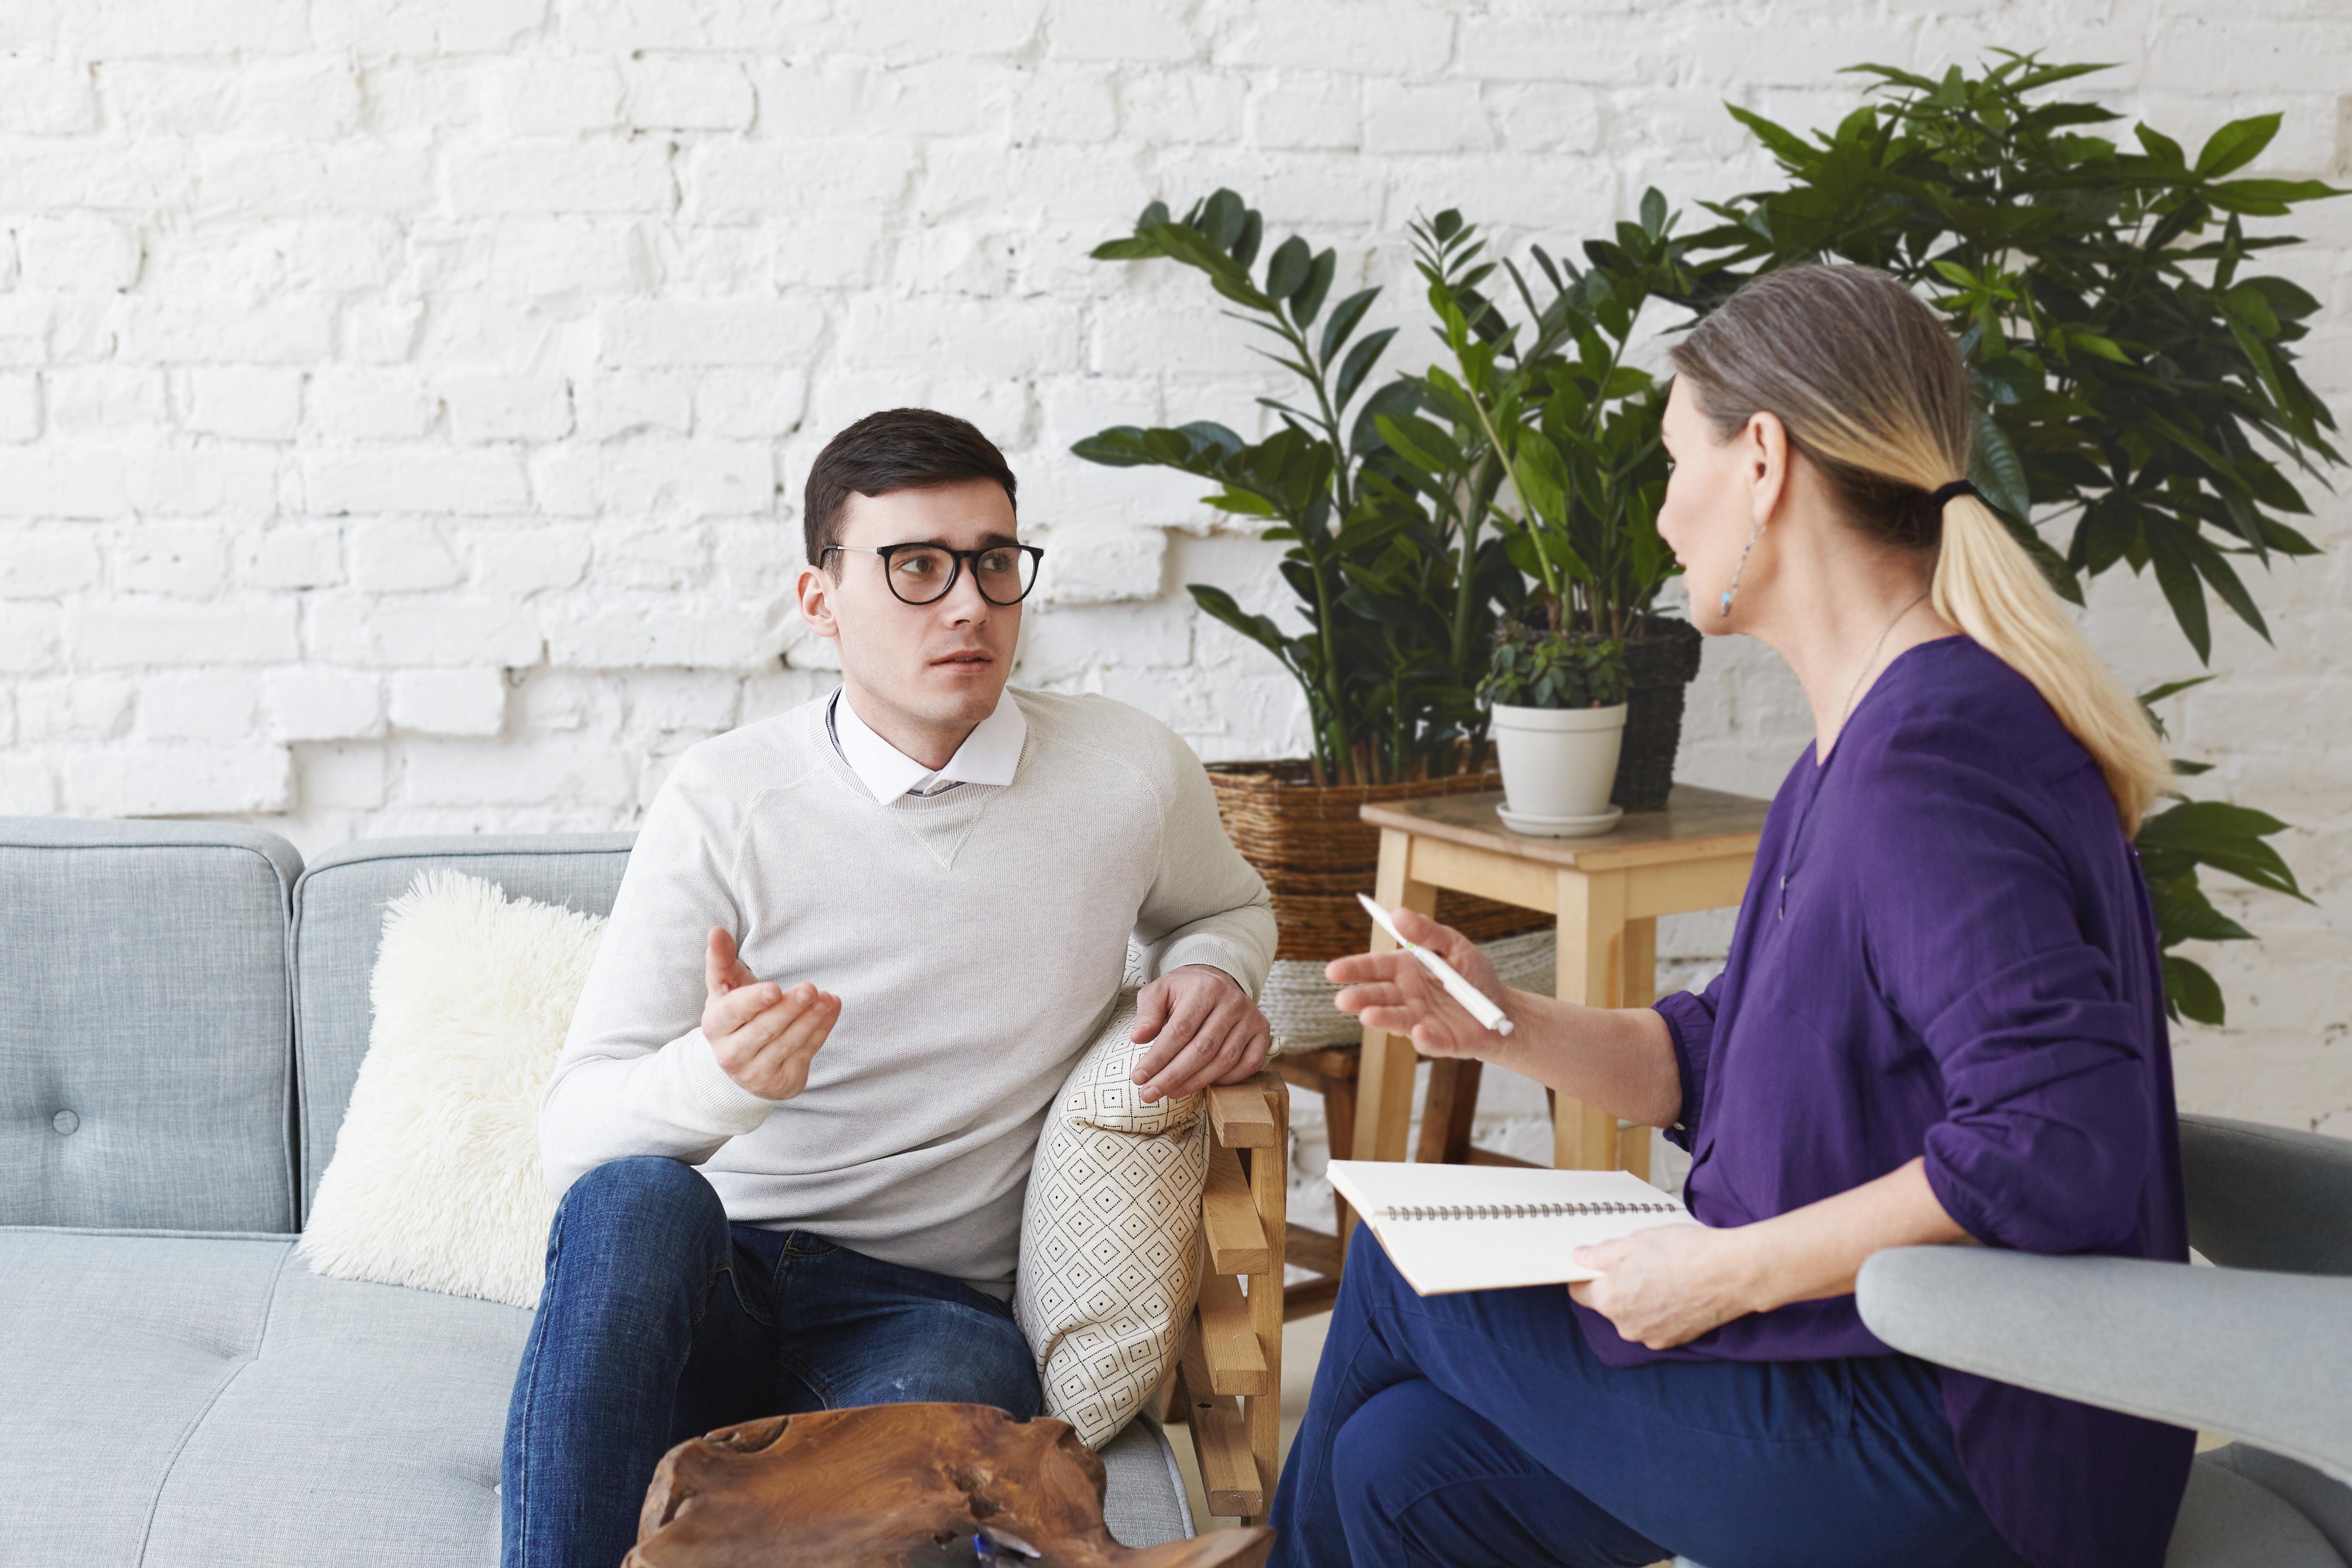 Jak zbadać skuteczność psychoterapii źródło: freepik